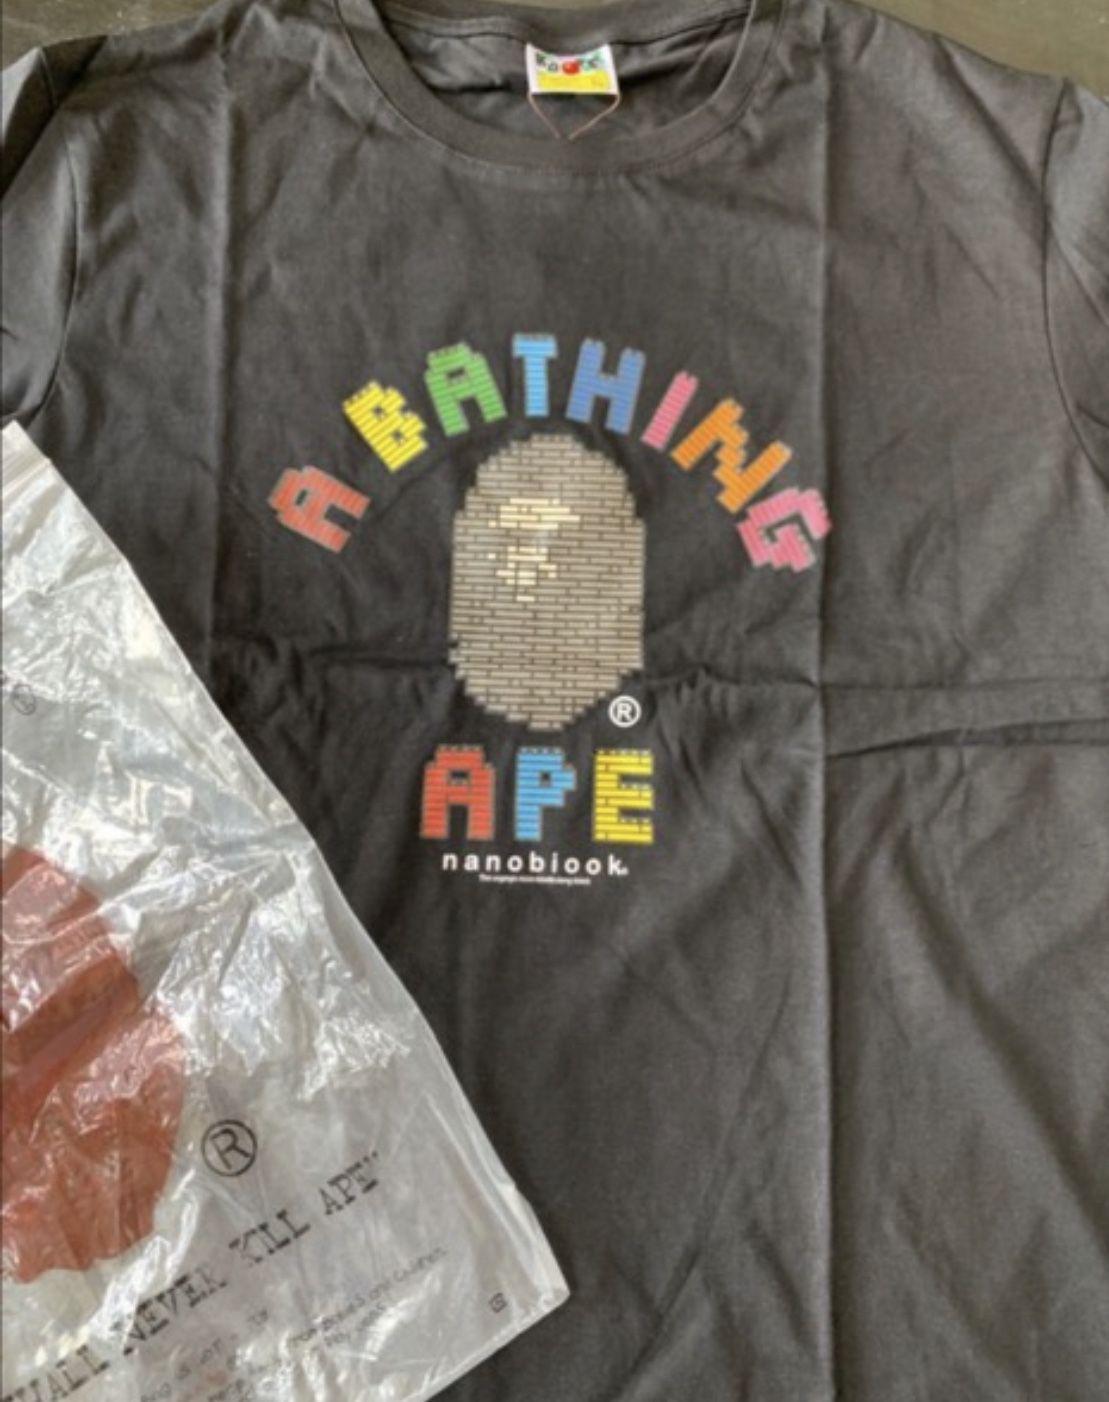 NEW AUTHENTIC BAPE T-SHIRT XL